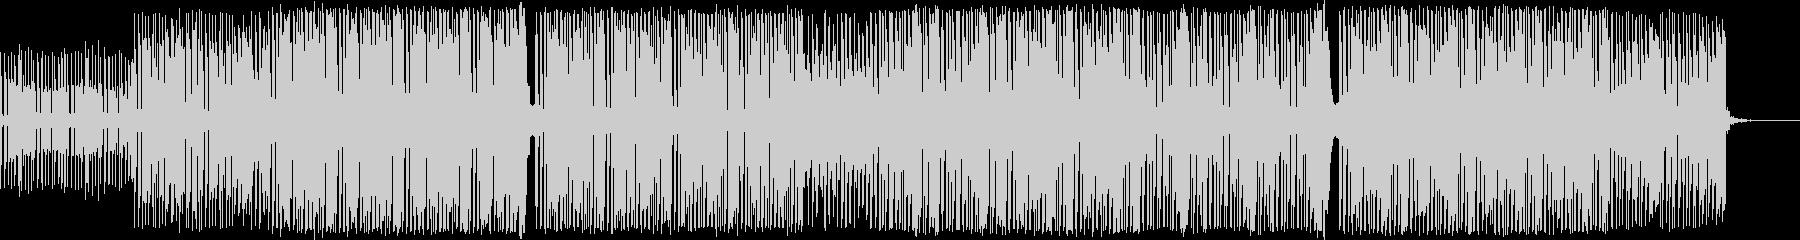 コミカルで明るいポップなBGMの未再生の波形